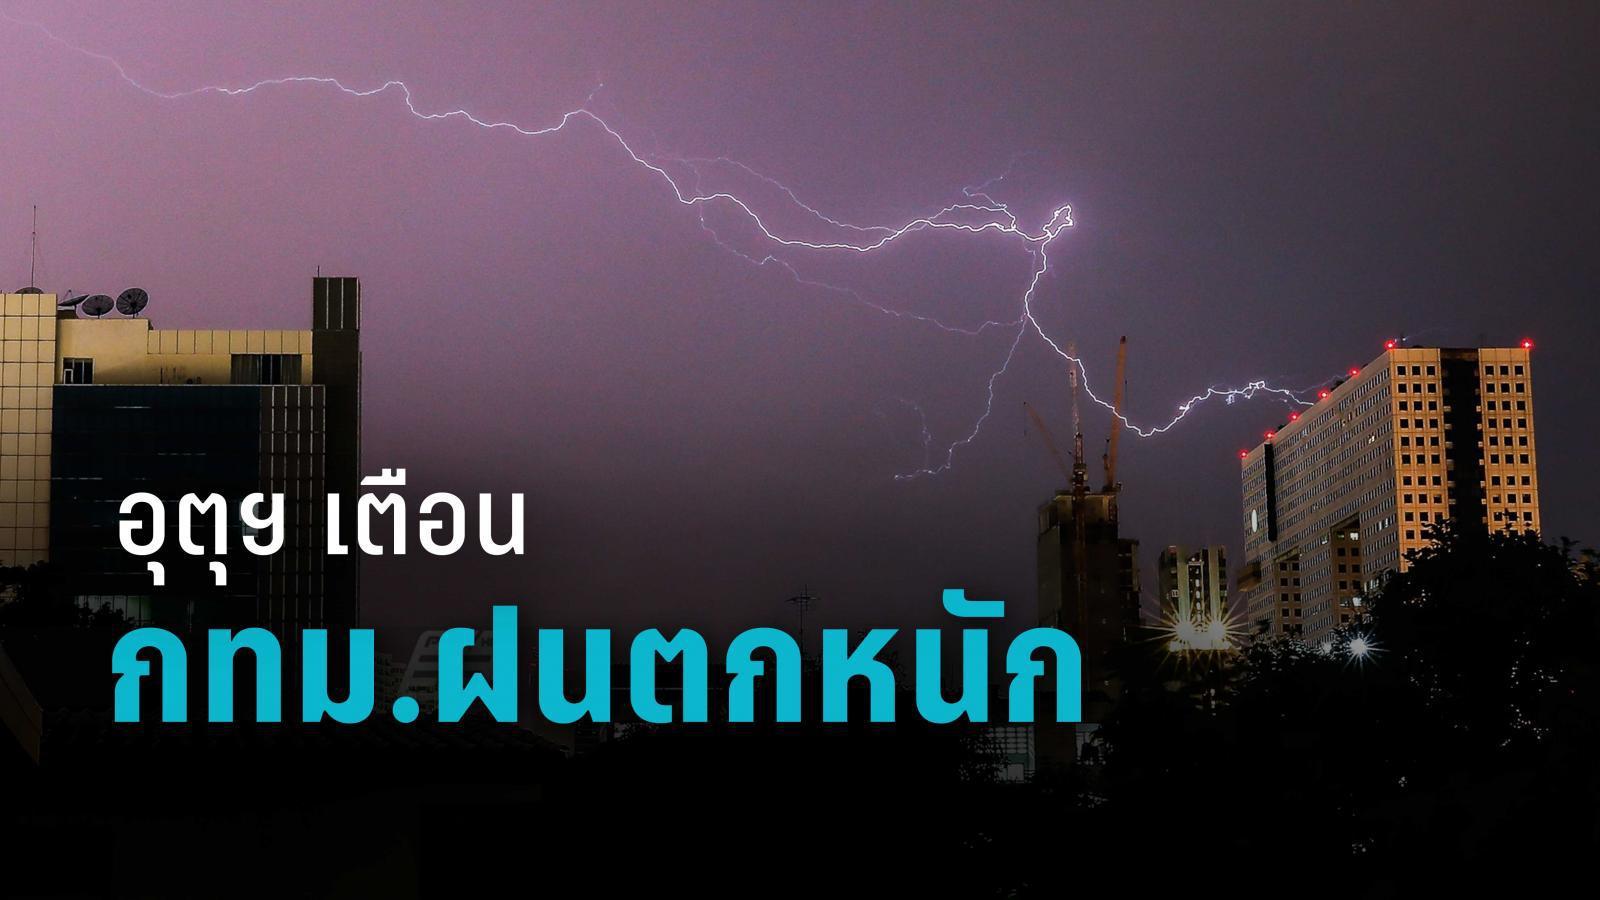 อุตุฯ เตือน กทม.-ปริมณฑล  ฝนตกร้อยละ 70 ของพื้นที่